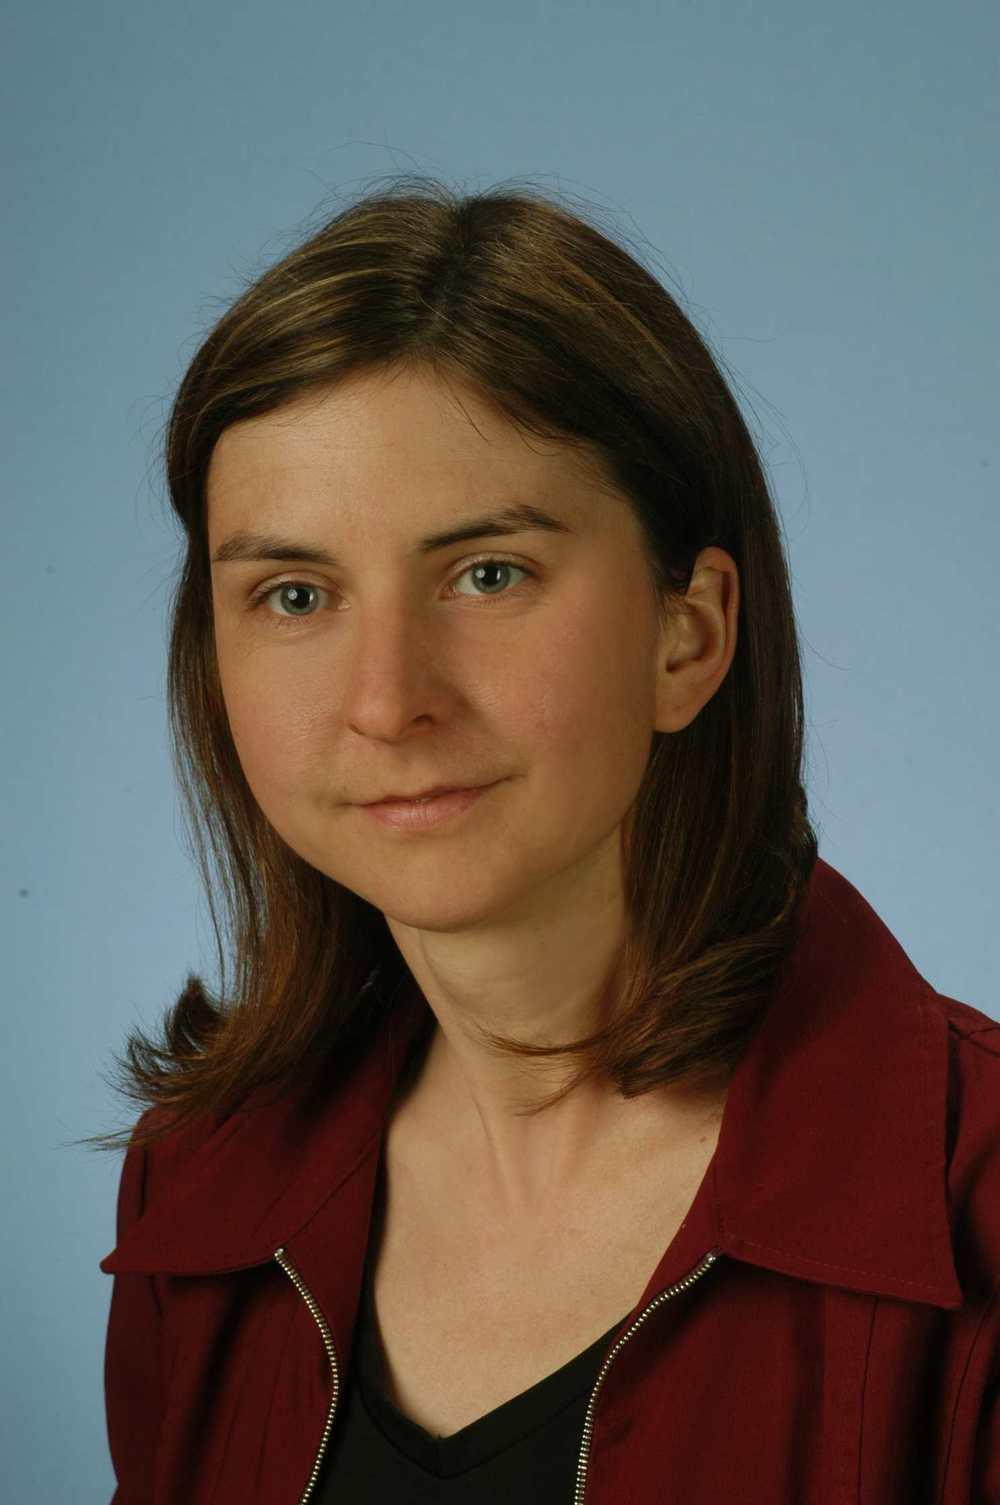 Malgorzata_Jurewicz_zdjecie.jpg